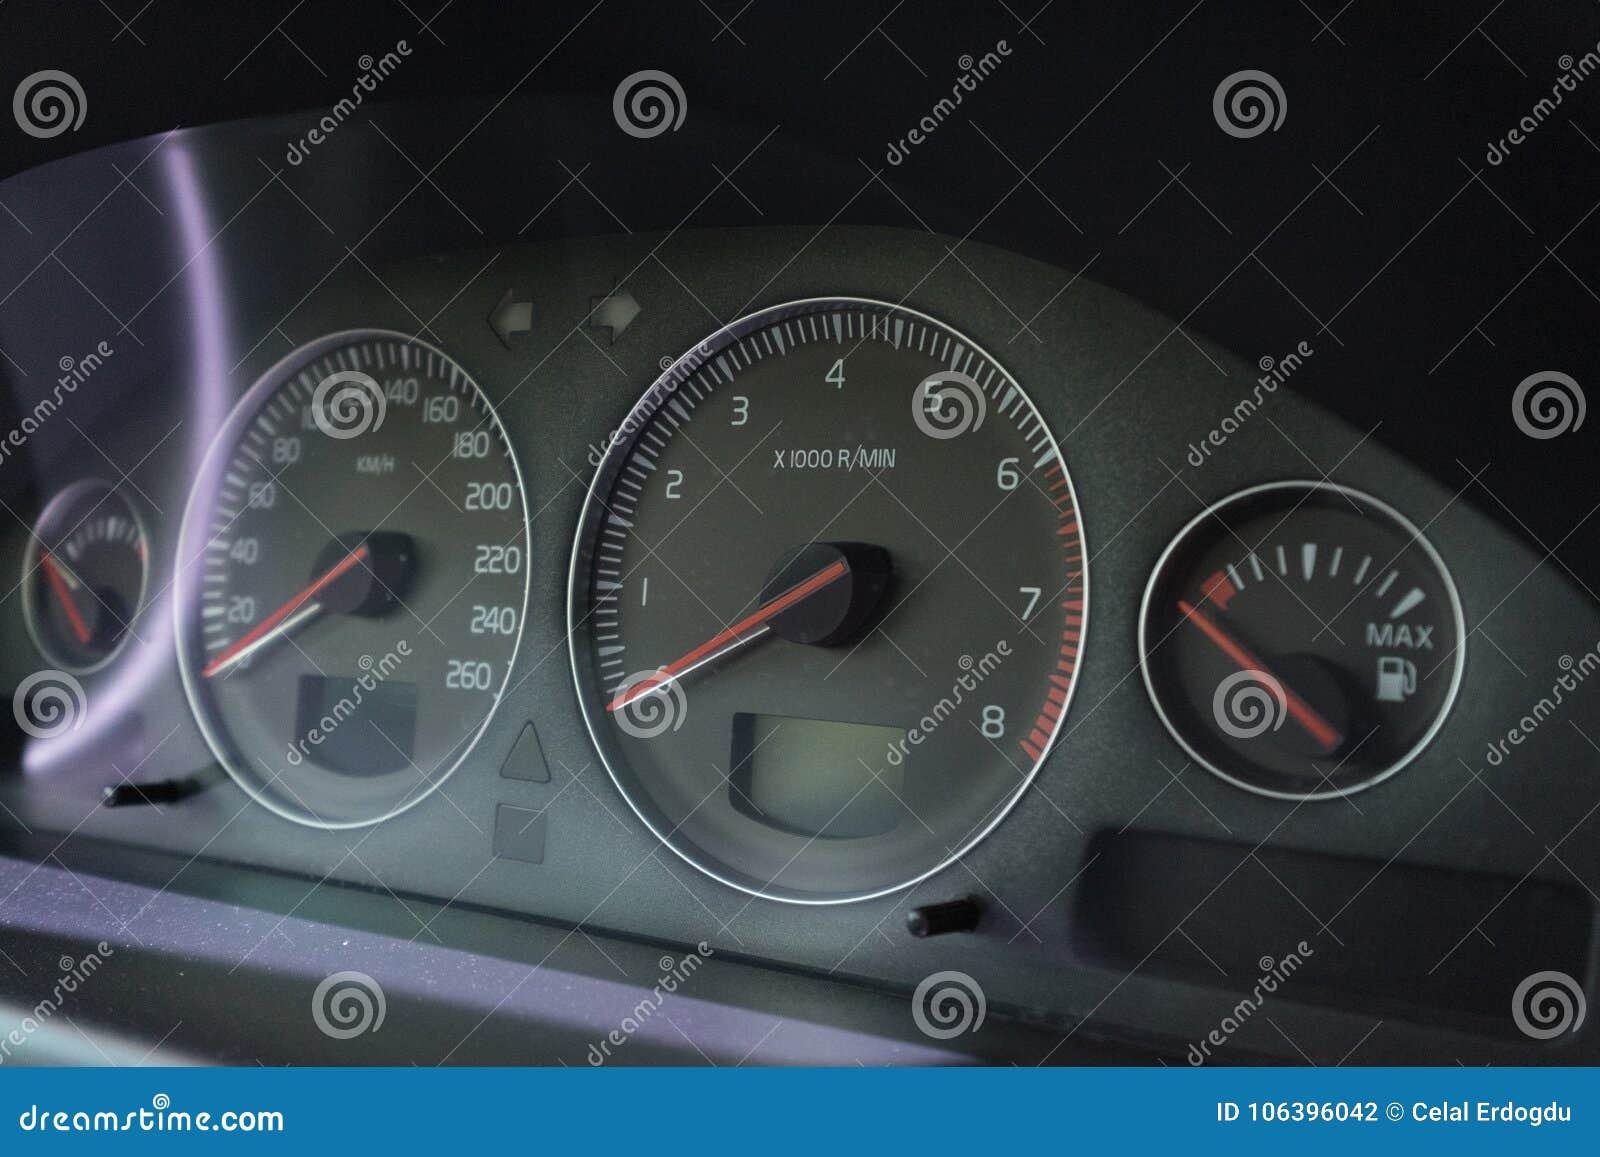 Entfernungsmesser auto entfernungsmesser zubehör geräte sport